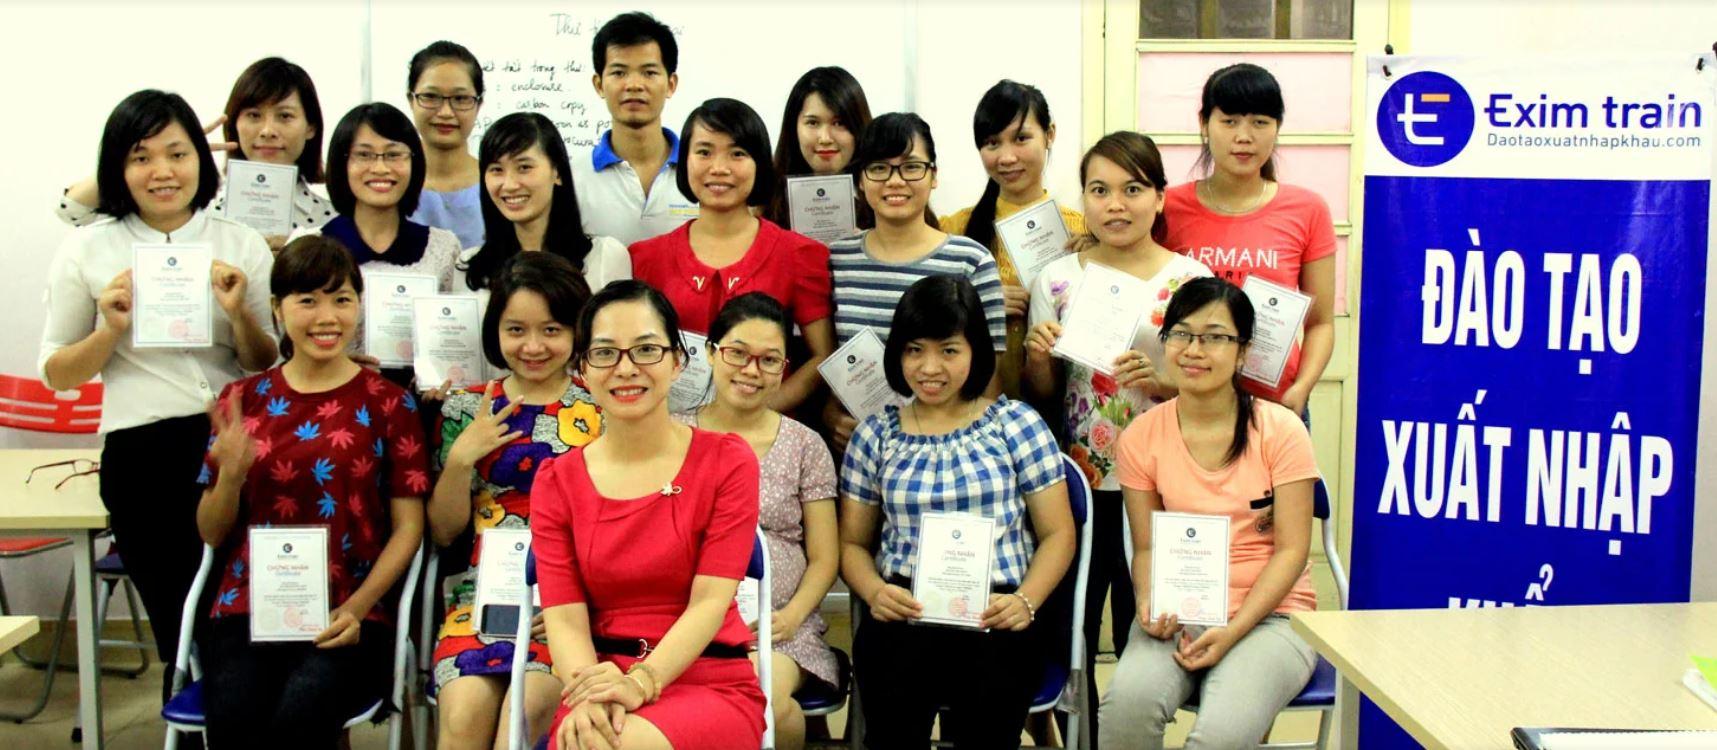 Hình ảnh lớp học xuất nhập khẩu Eximtrain